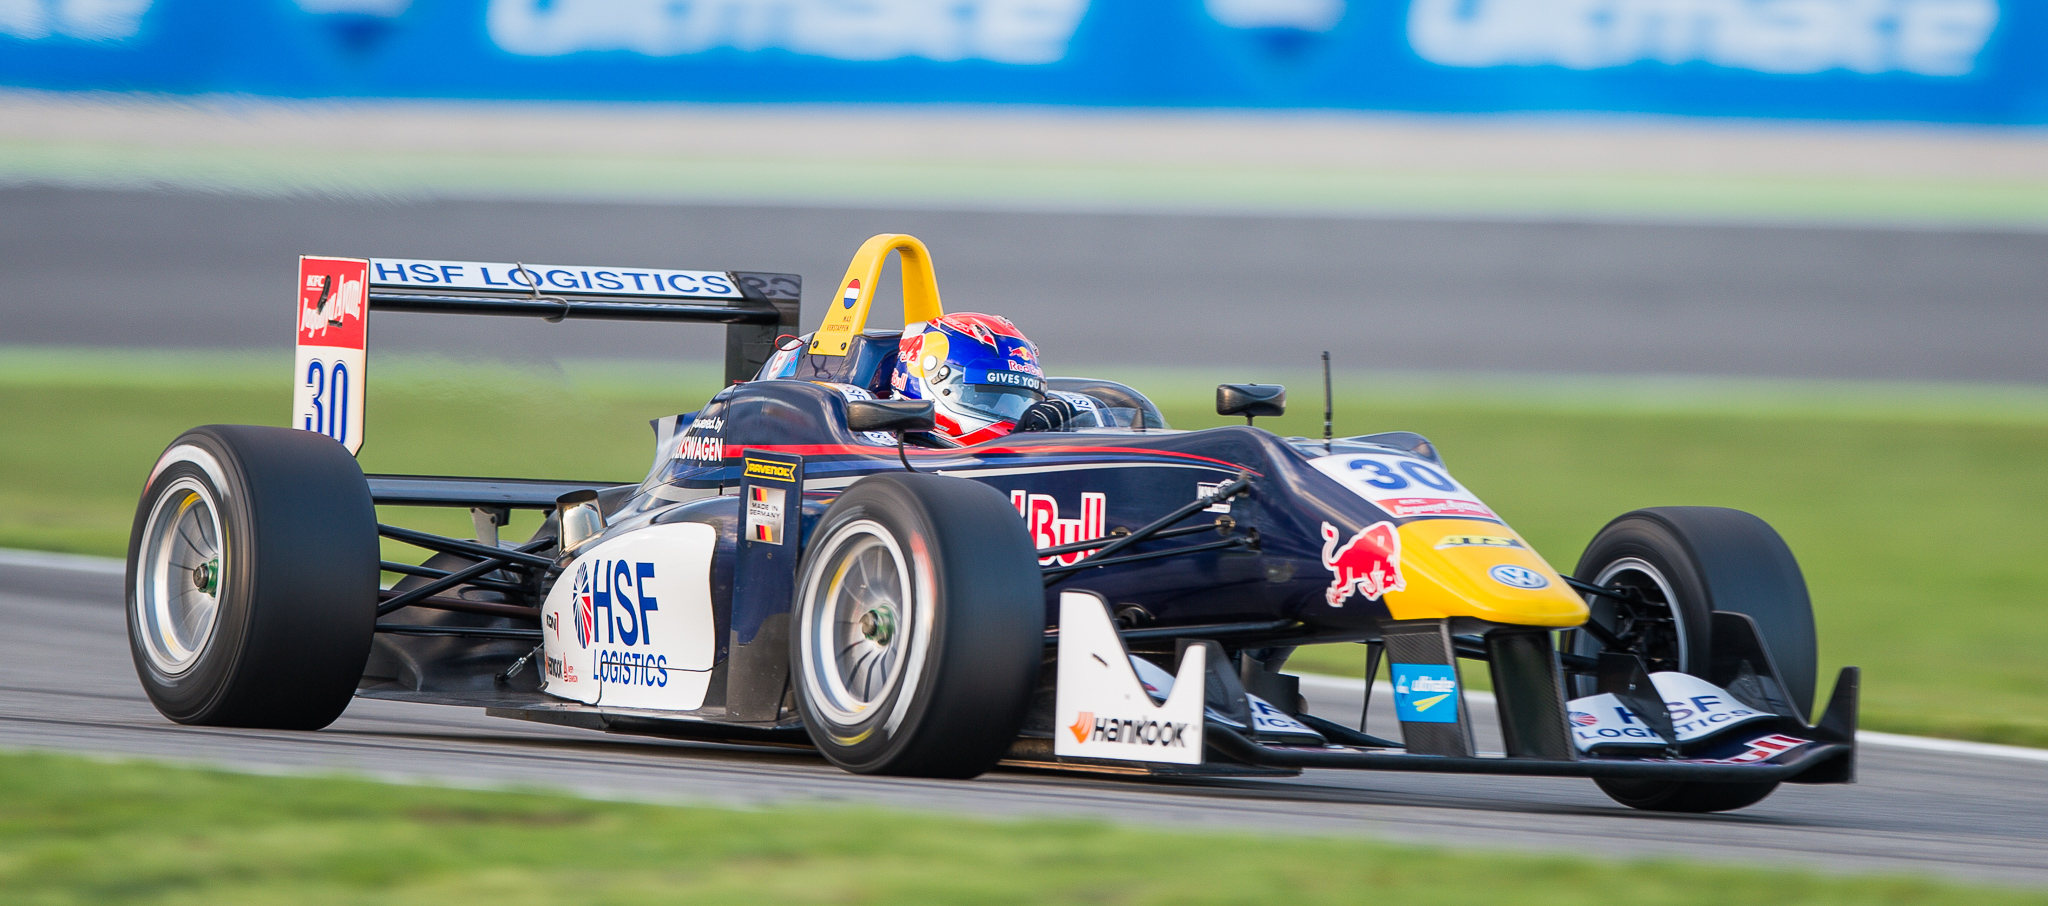 File:2014 F3 HockenheimringII Max Verstappen by 2eight DSC6547.jpg